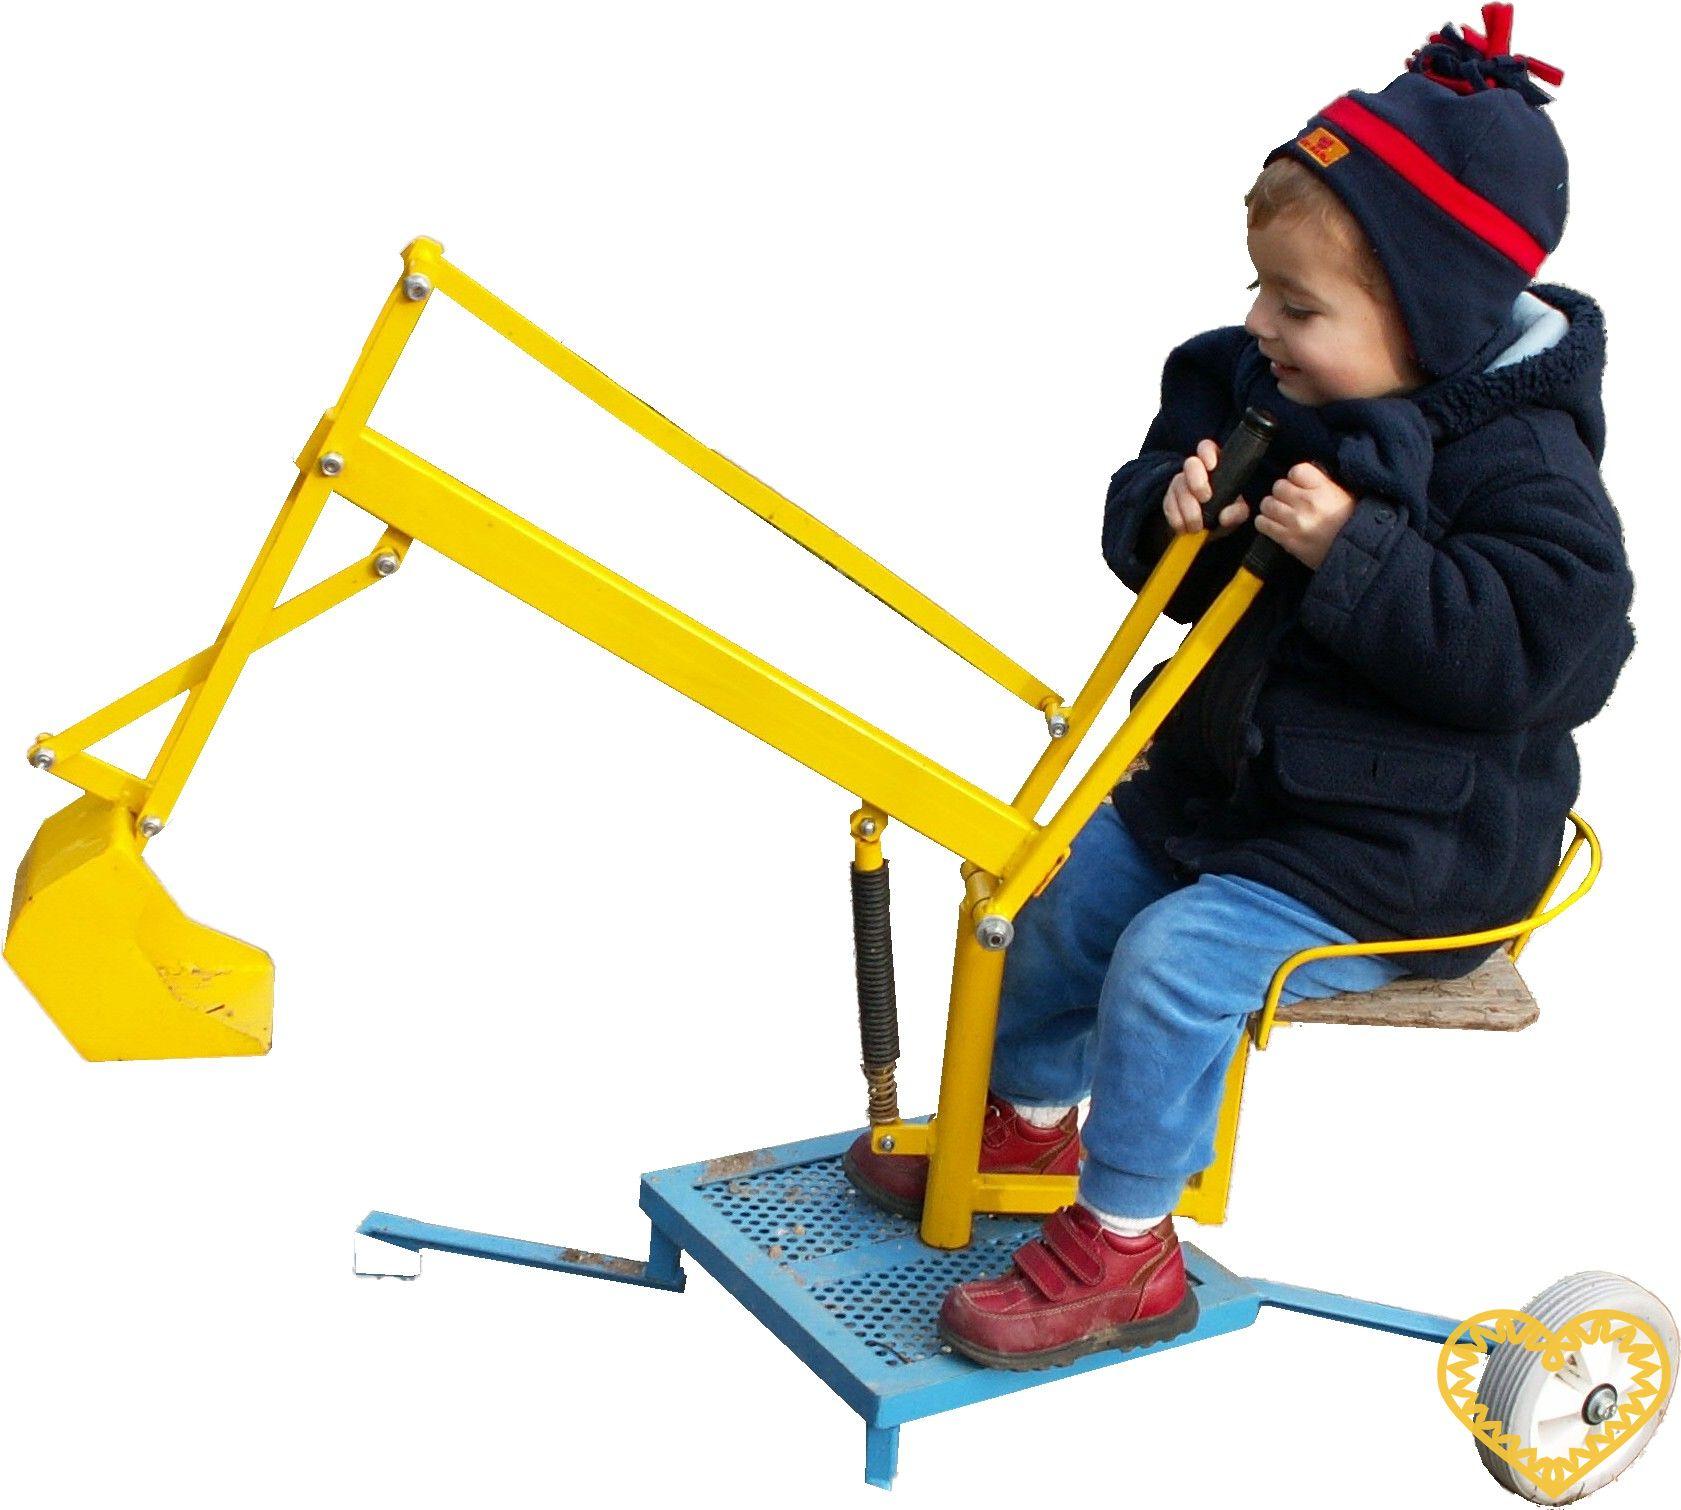 Dětský otočný bagr je venkovní hračka určená pro děti ve věku od 3 do 7 let. Malé bagristy zabaví po celý rok. V létě s ním bagrují písek, v zimě sníh. Vzhledem k tomu, že je bagřík vyroben z ocelových profilů, je značně bytelný a bez nadsázky jej lz